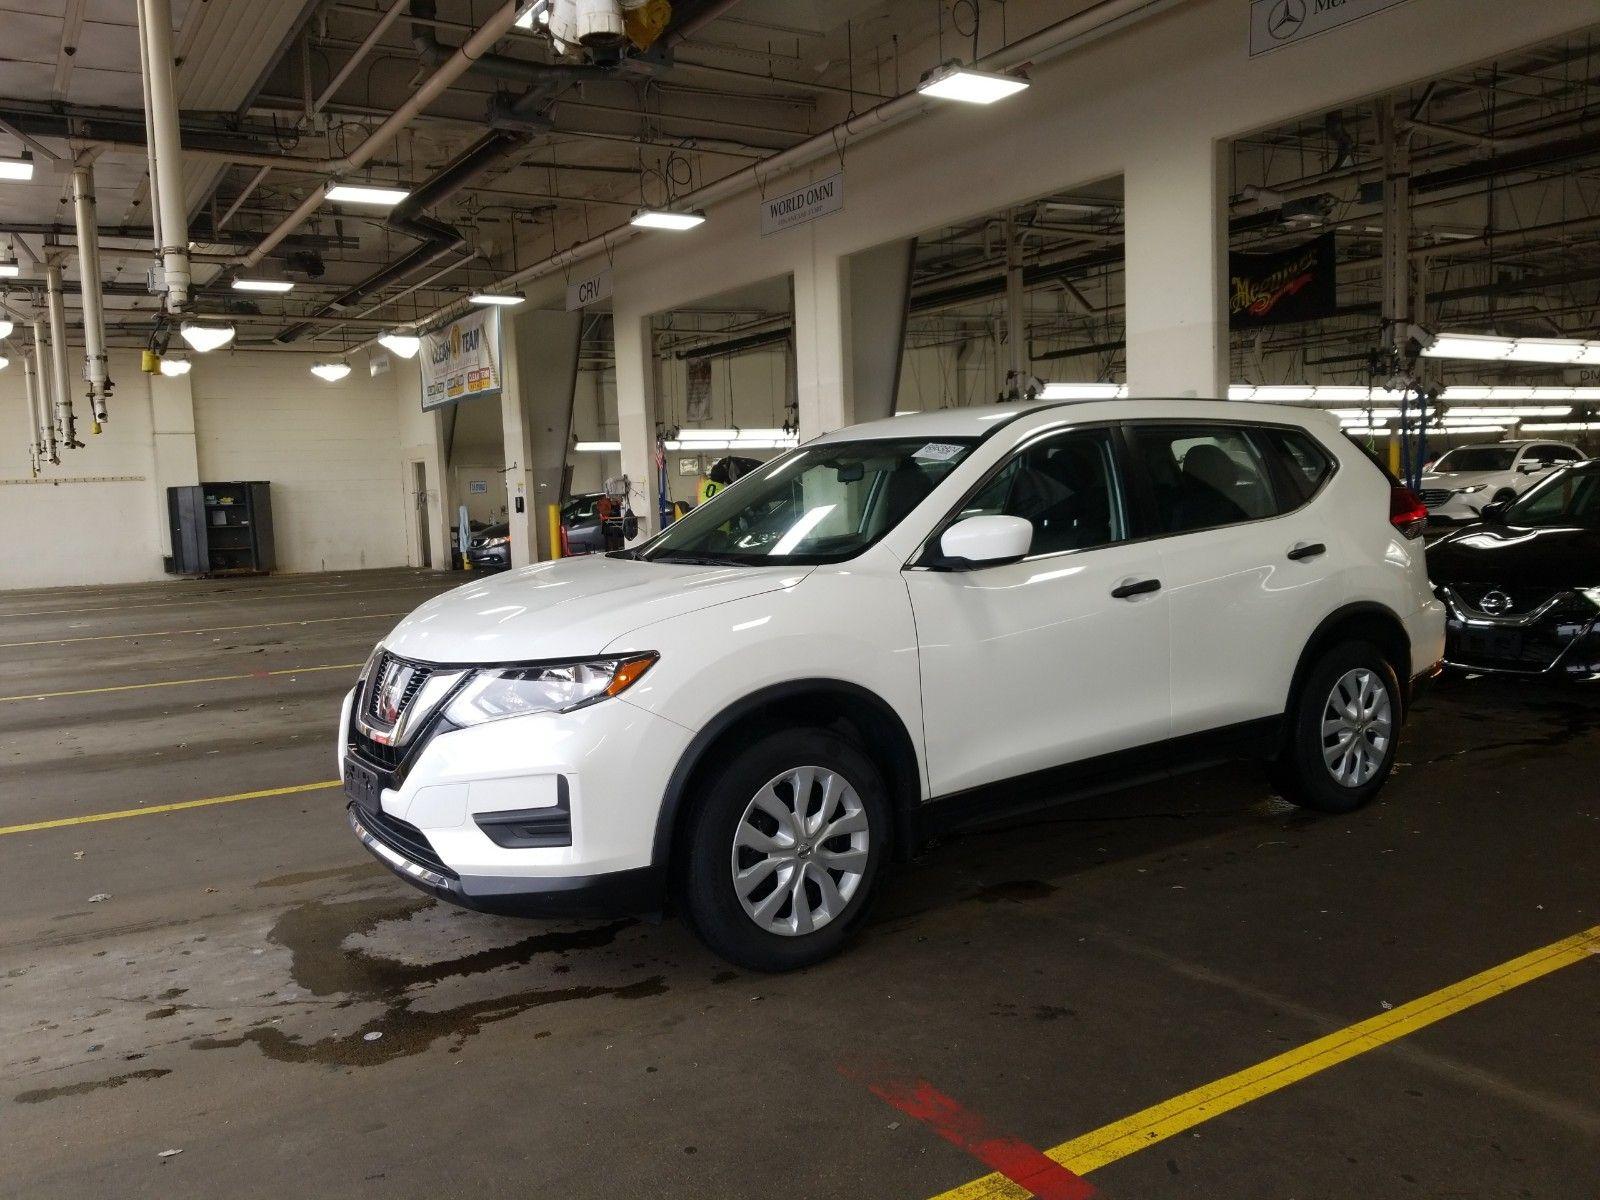 2017 Nissan Rogue 2.5. Lot 99921367230 Vin JN8AT2MV7HW024337